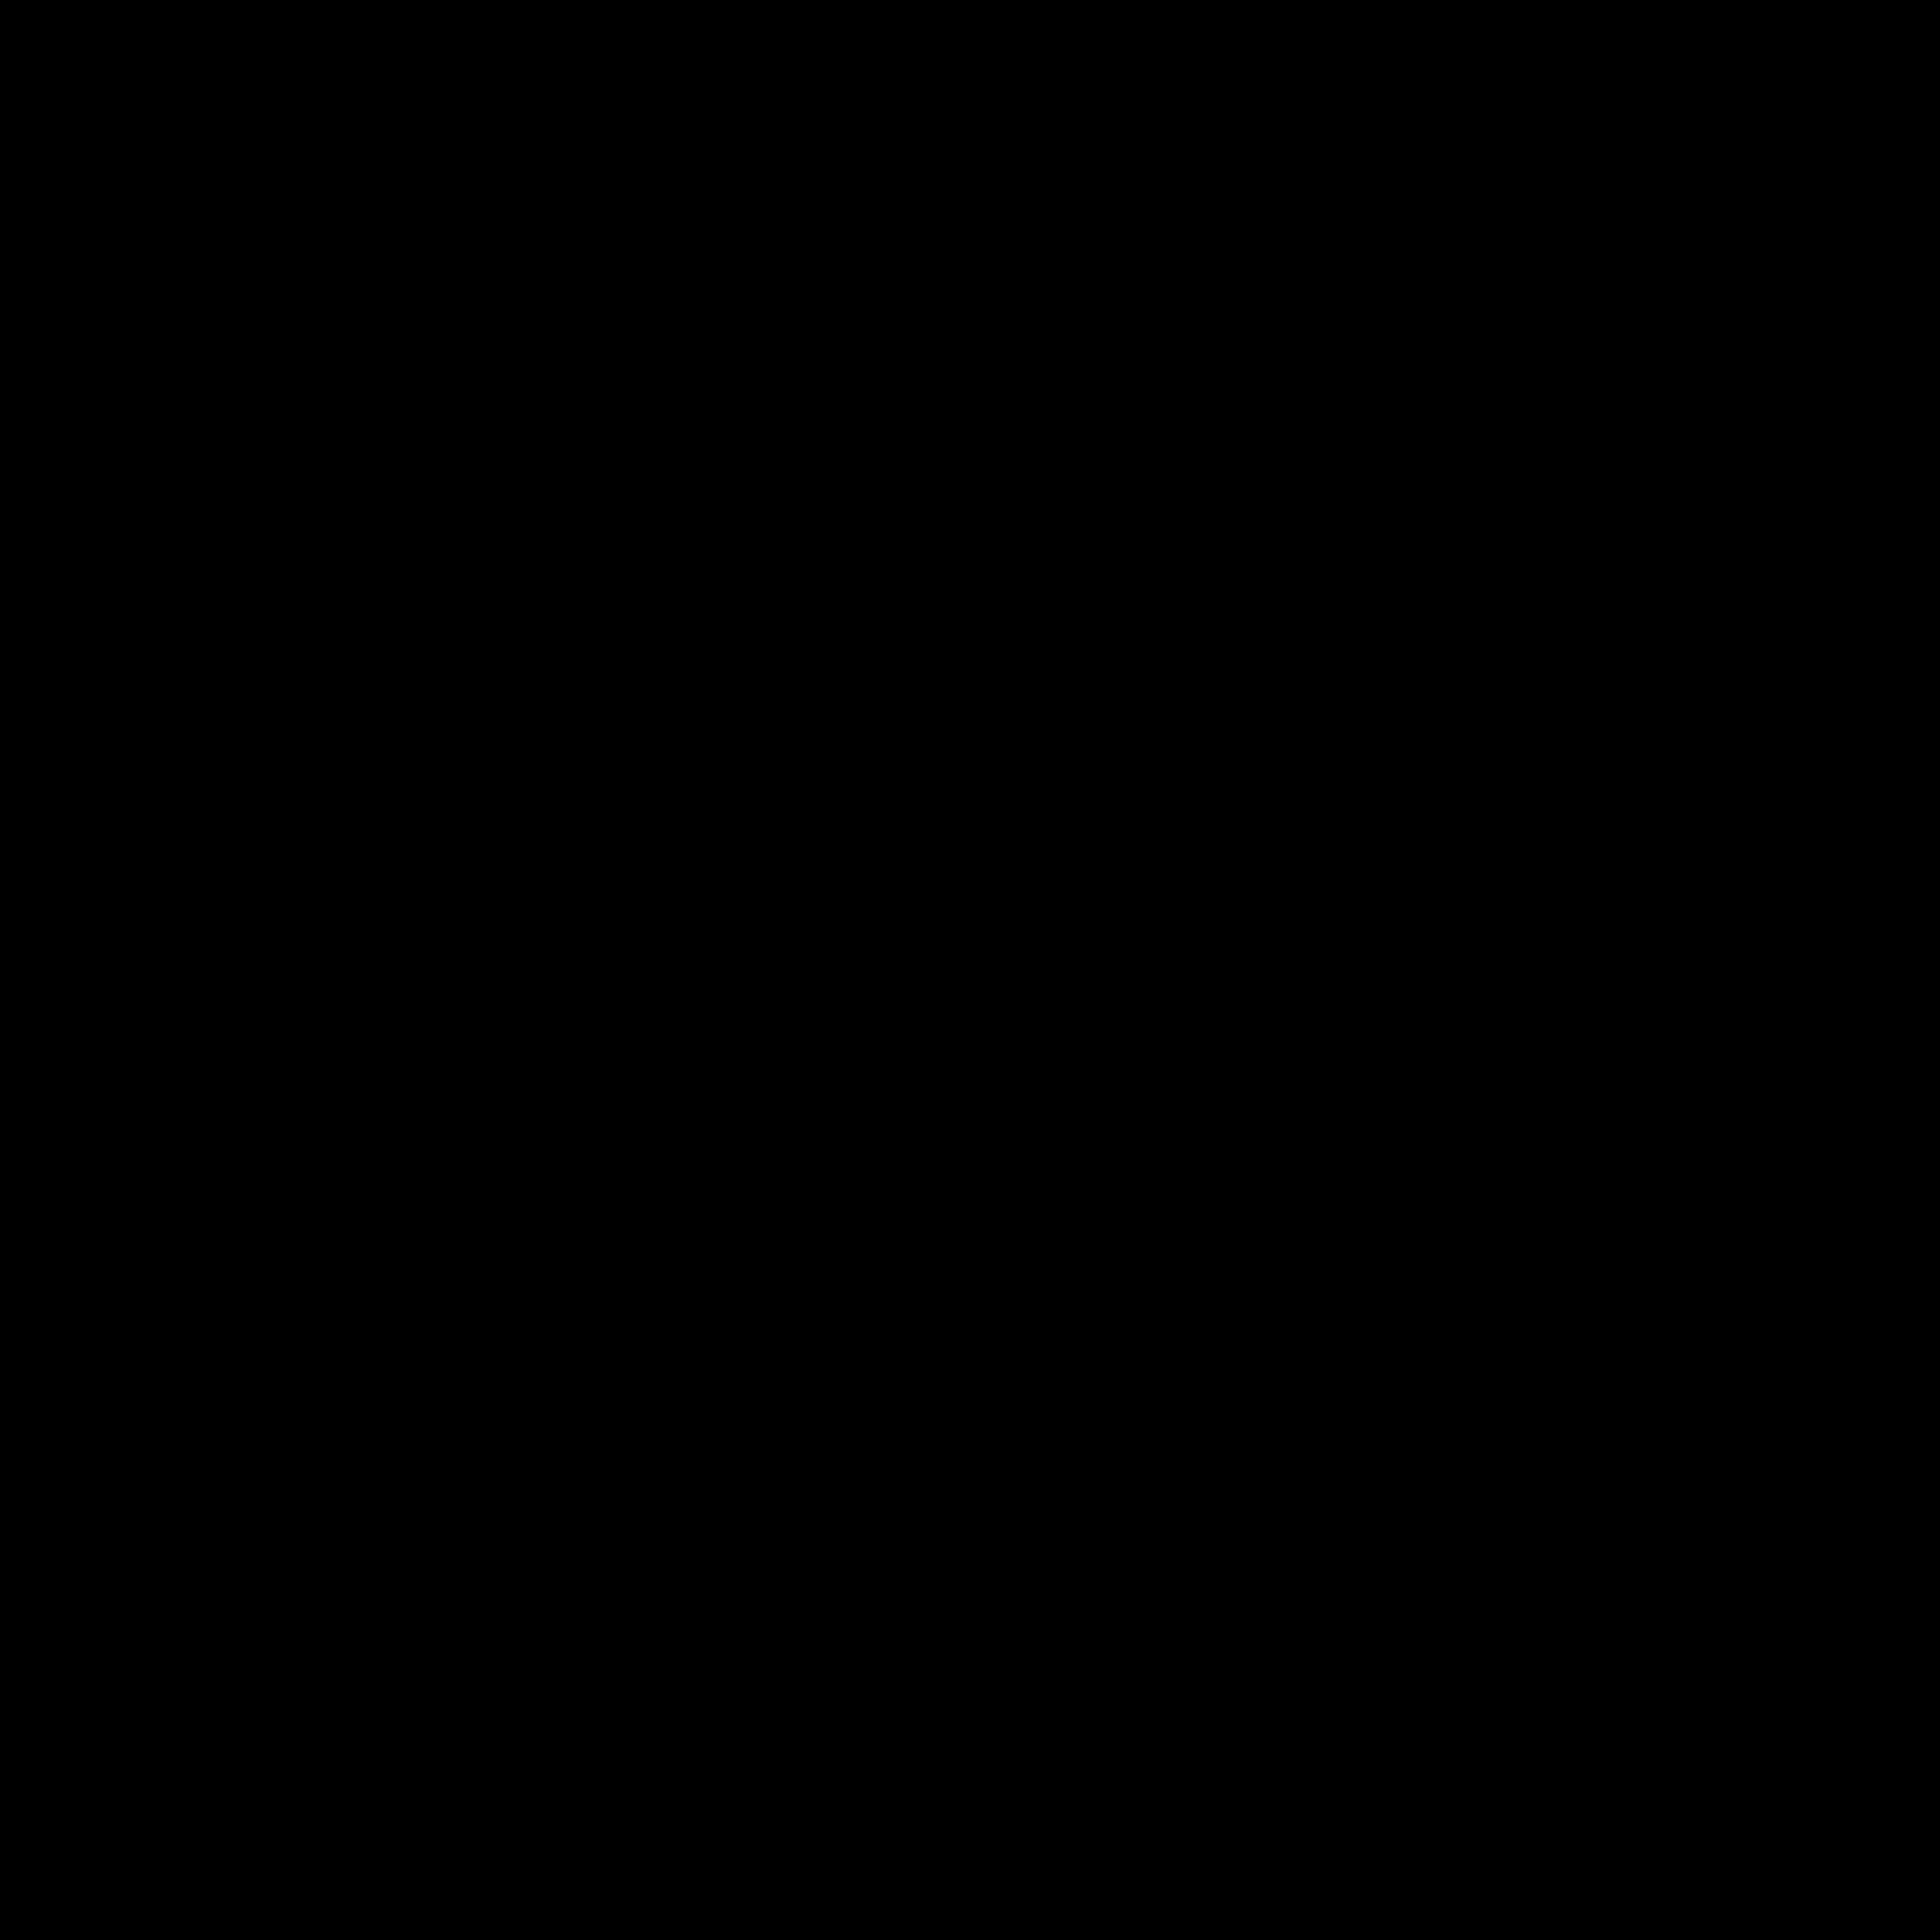 window, black icon